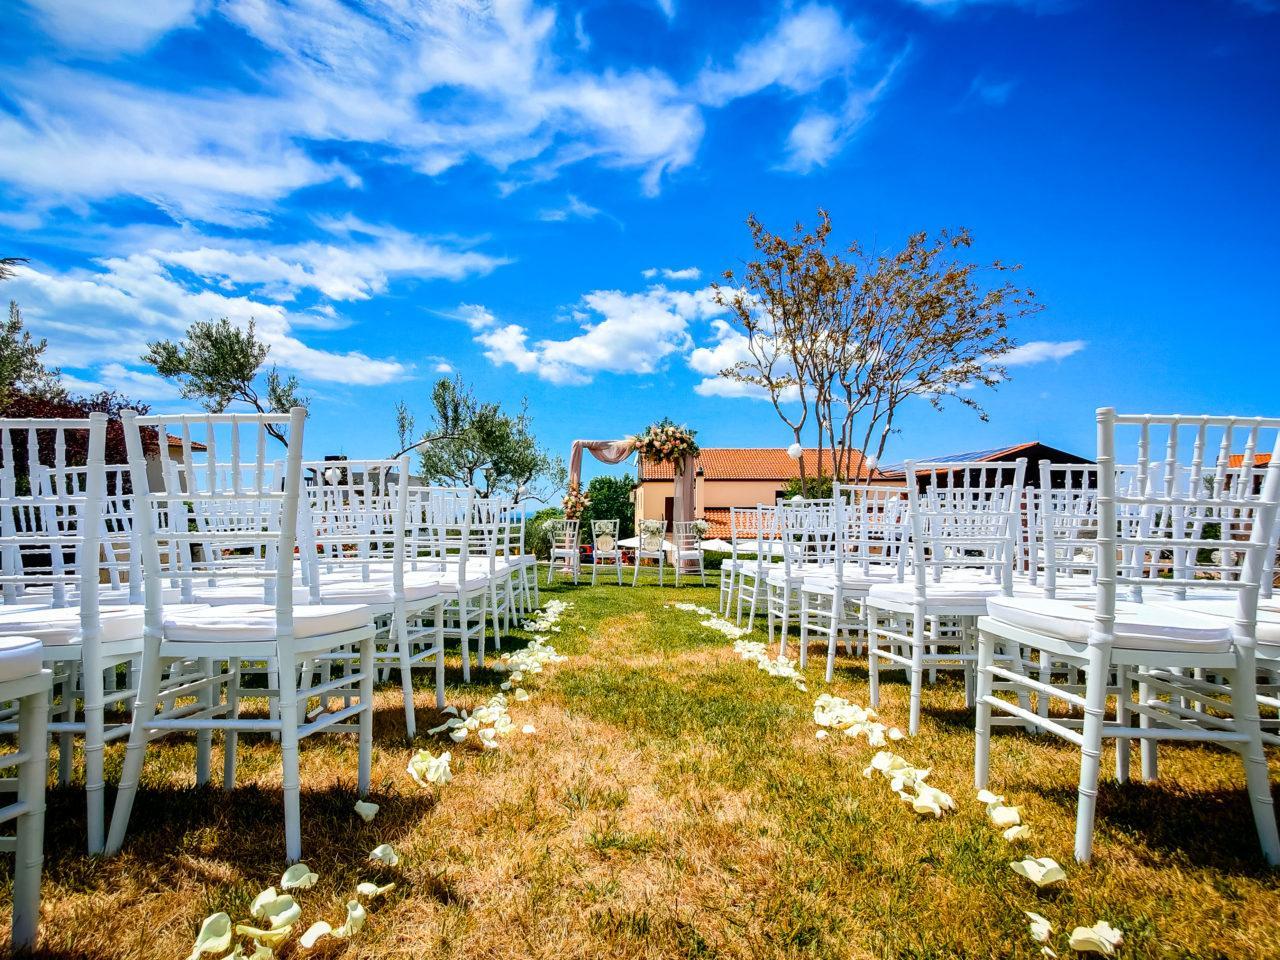 Hochzeit in Buje Heiraten im freien Hochzeitslocation Hotel Location in Kroatien